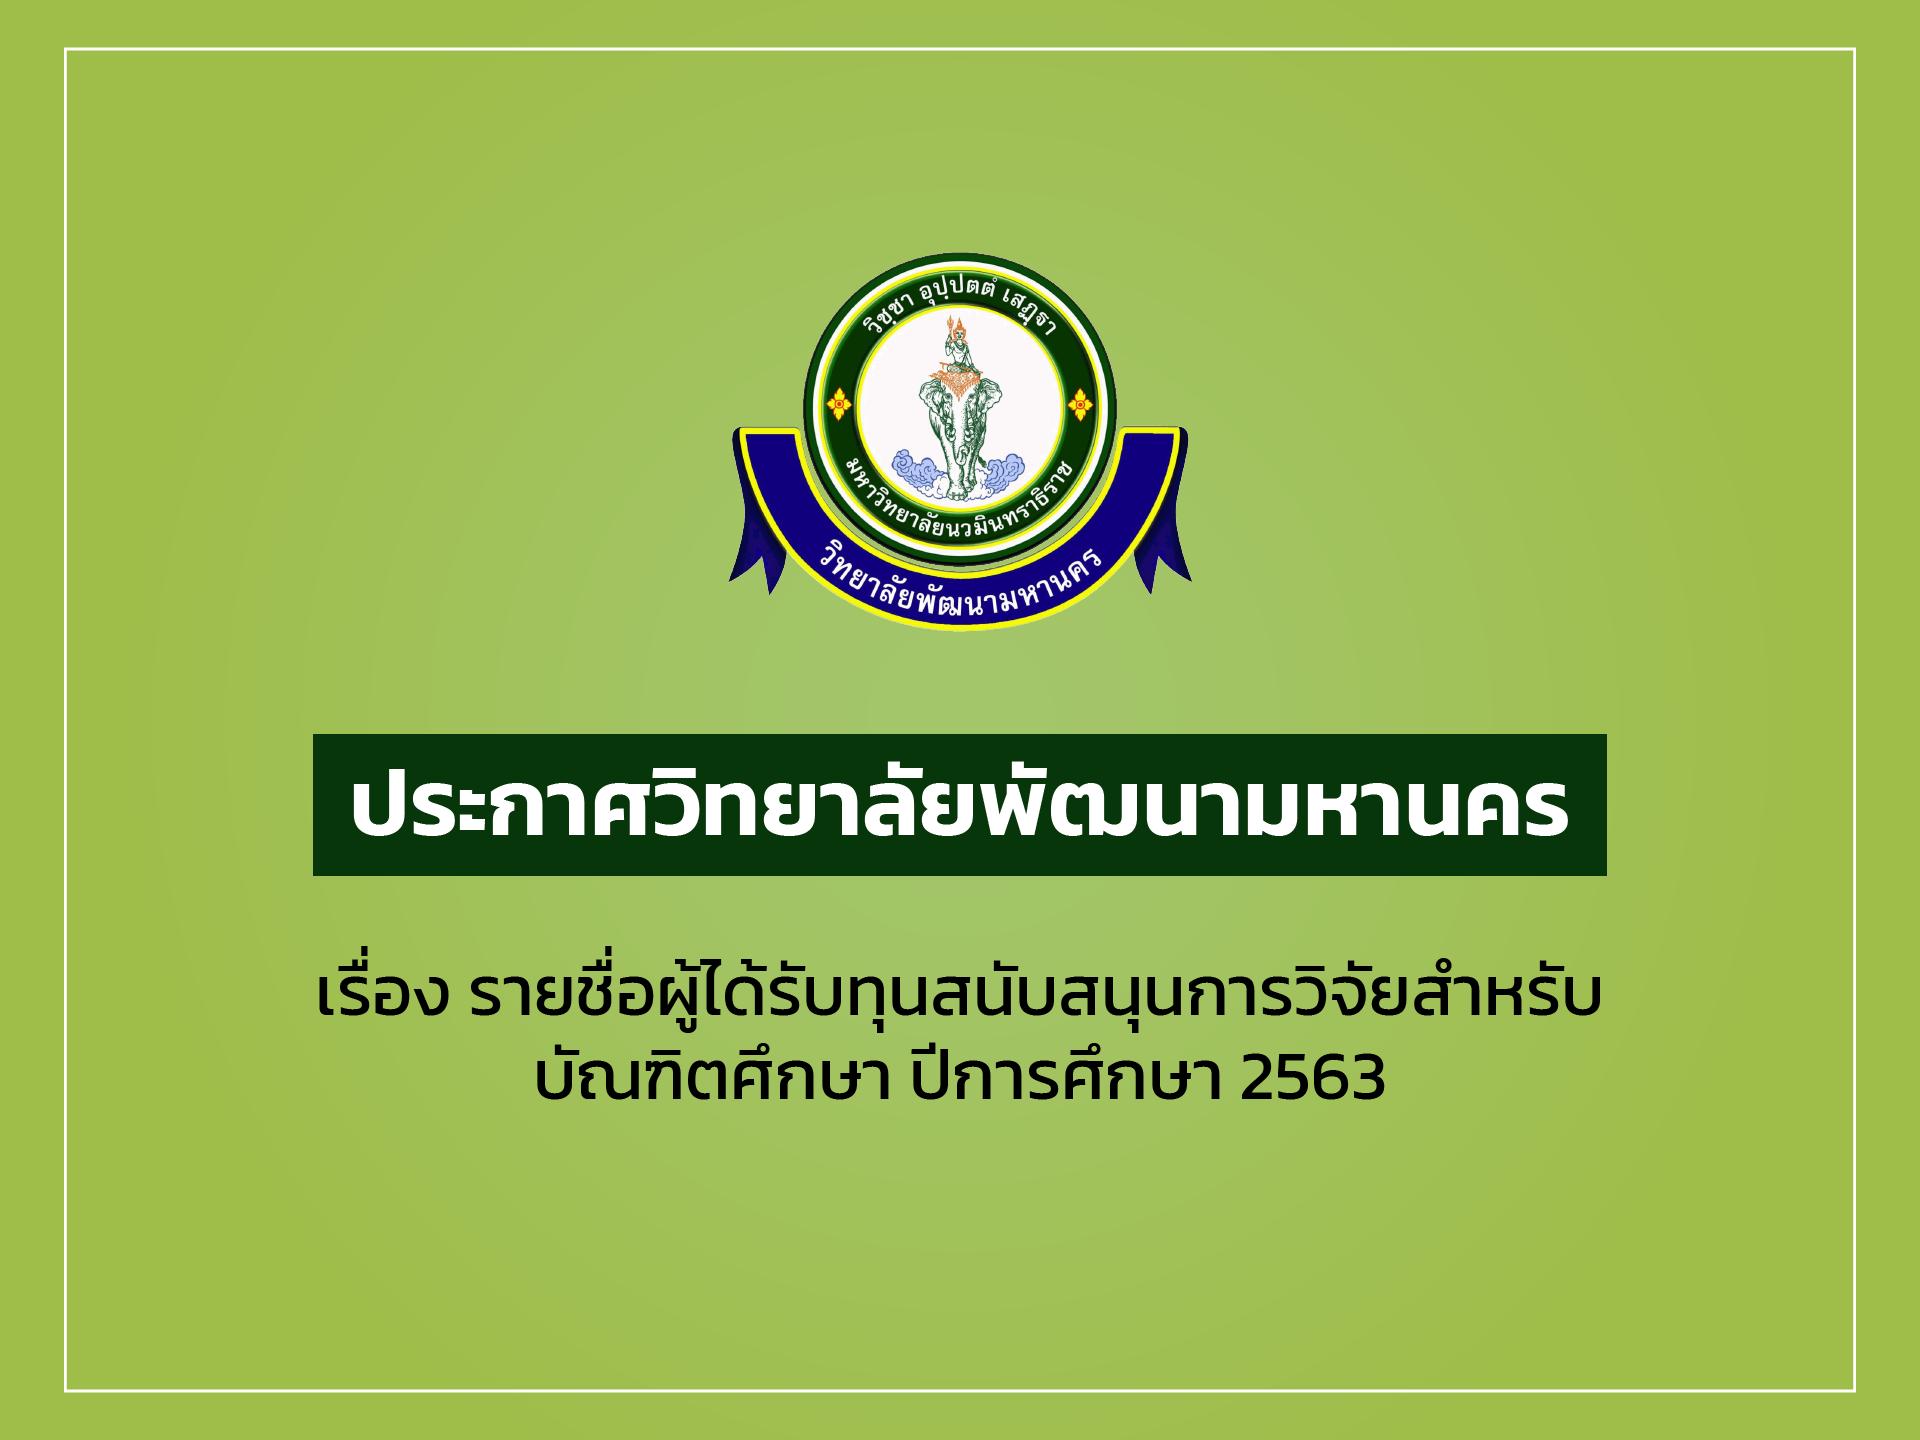 [ประกาศ] รายชื่อผู้ได้รับทุนสนับสนุนการวิจัยสำหรับบัณฑิตศึกษา ปีการศึกษา 2563